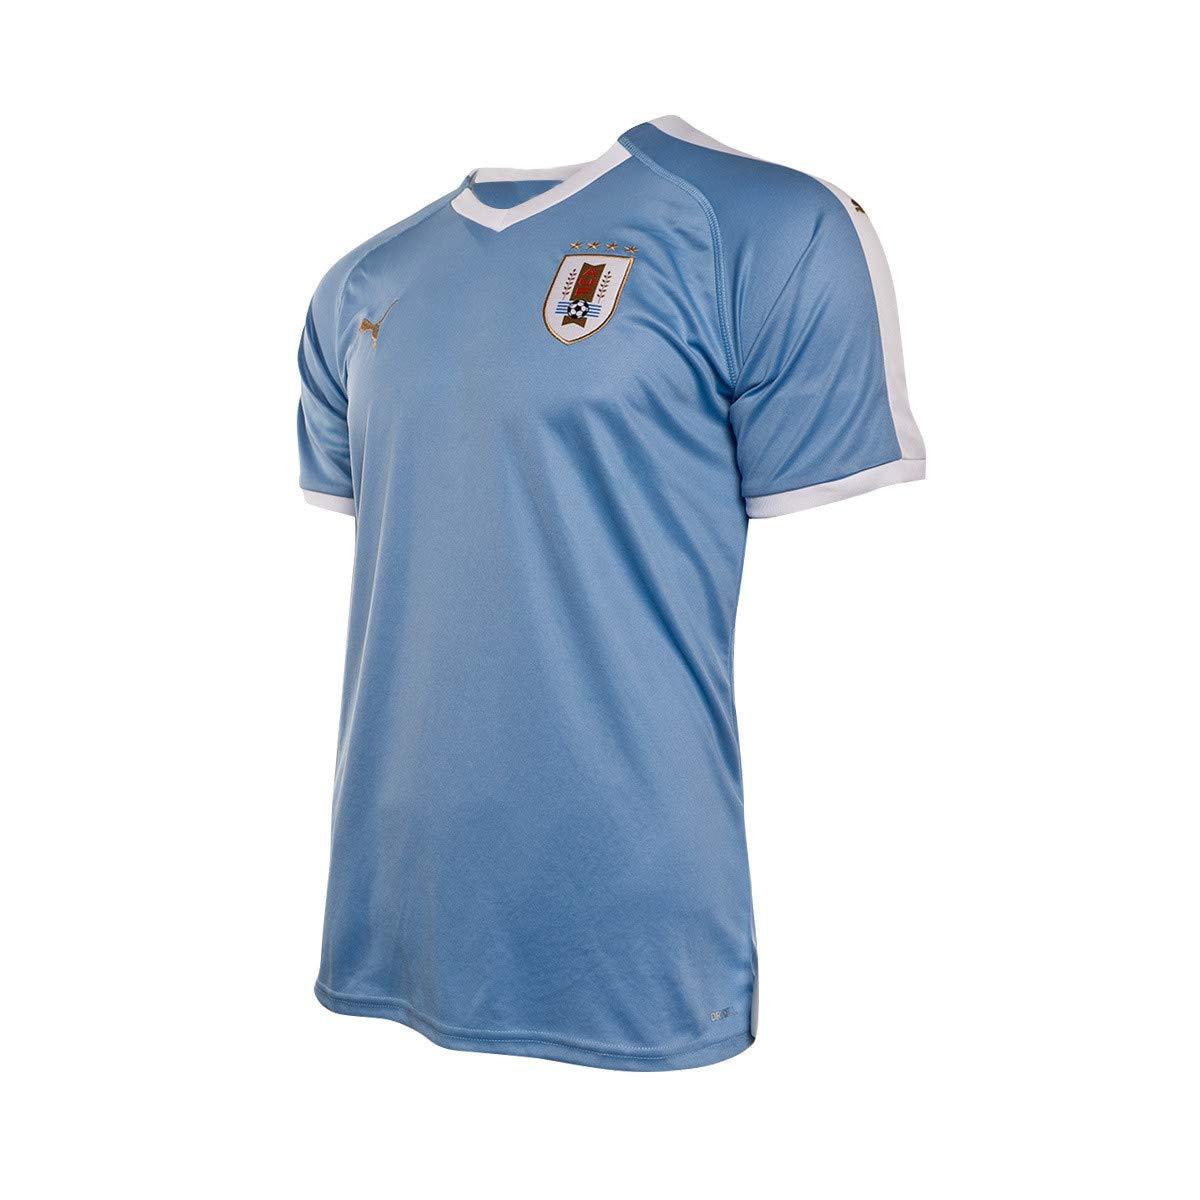 PUMA Uruguay Primera Equipación 2019-2020, Camiseta, Silver Lake Blue, Talla S: Amazon.es: Deportes y aire libre